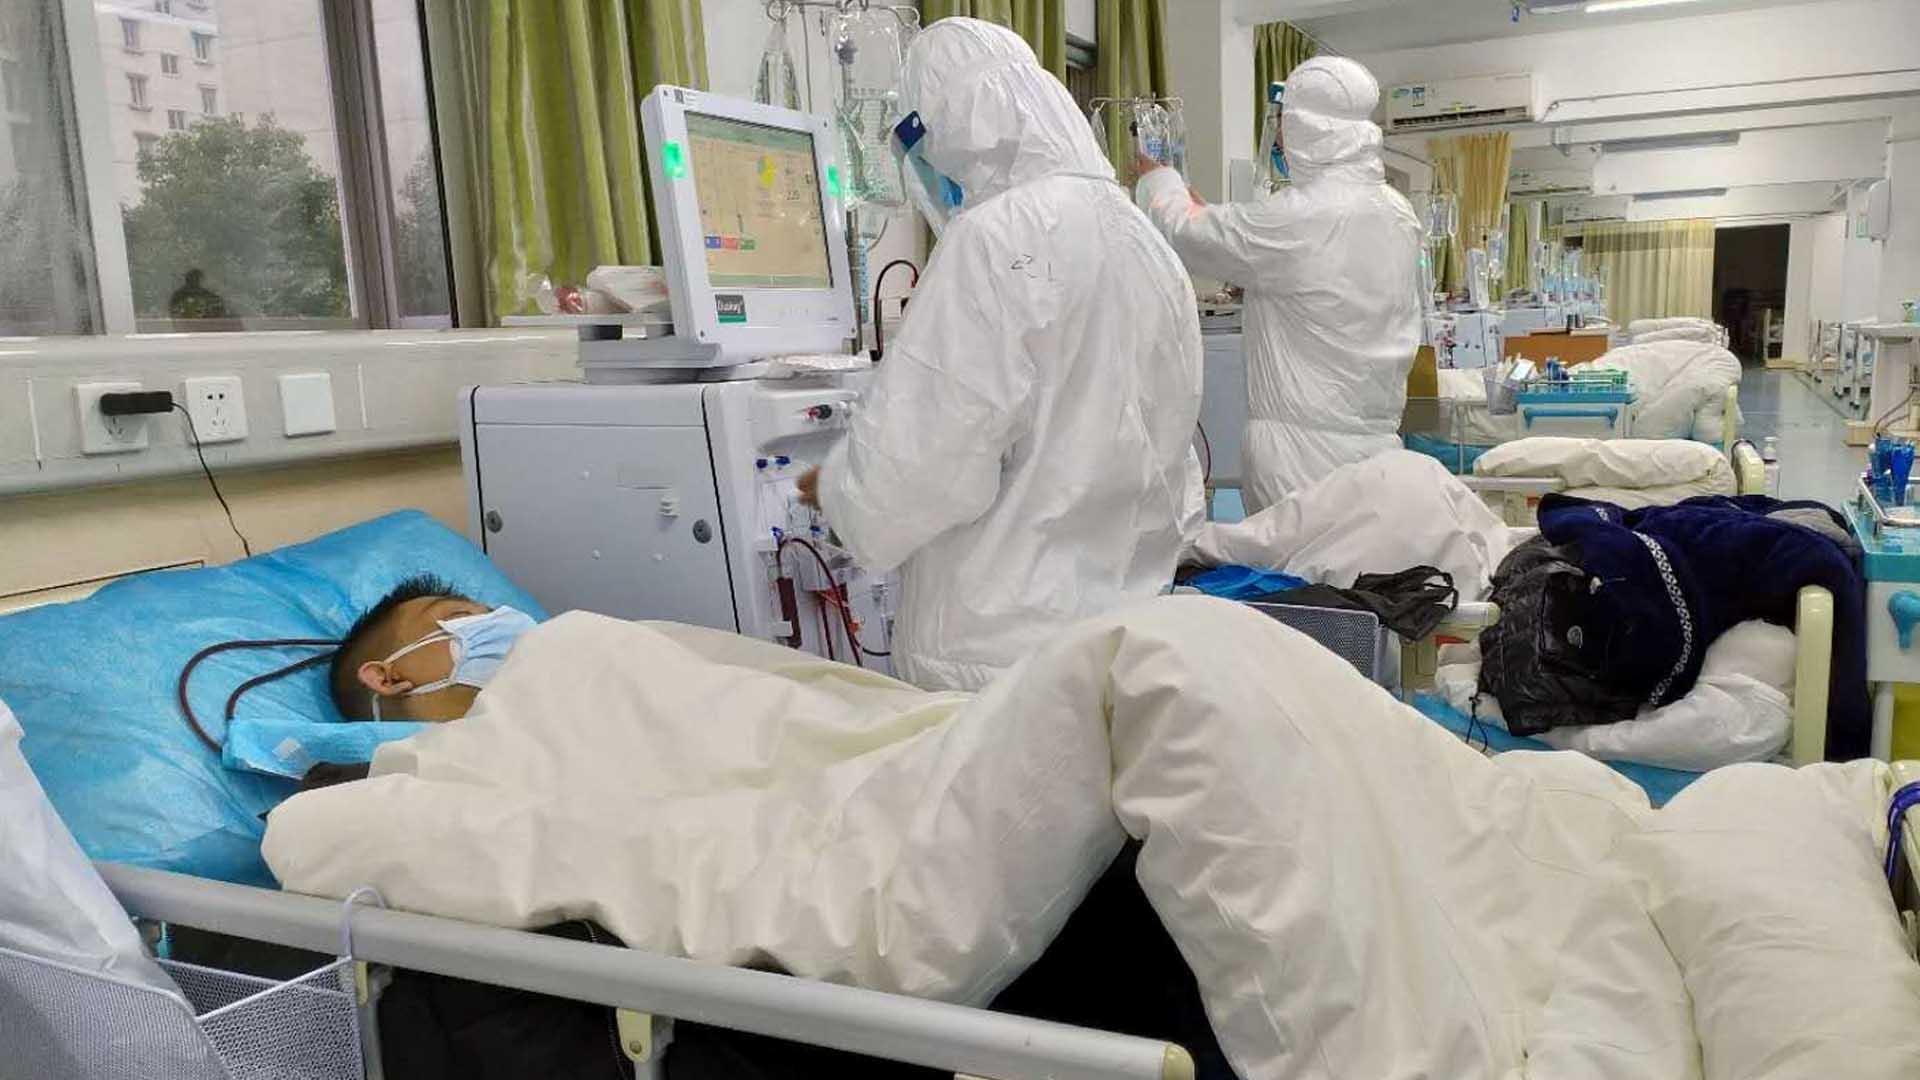 Médicos intensivistas se declaran en emergencia y piden reunión de urgencia con el Gobierno